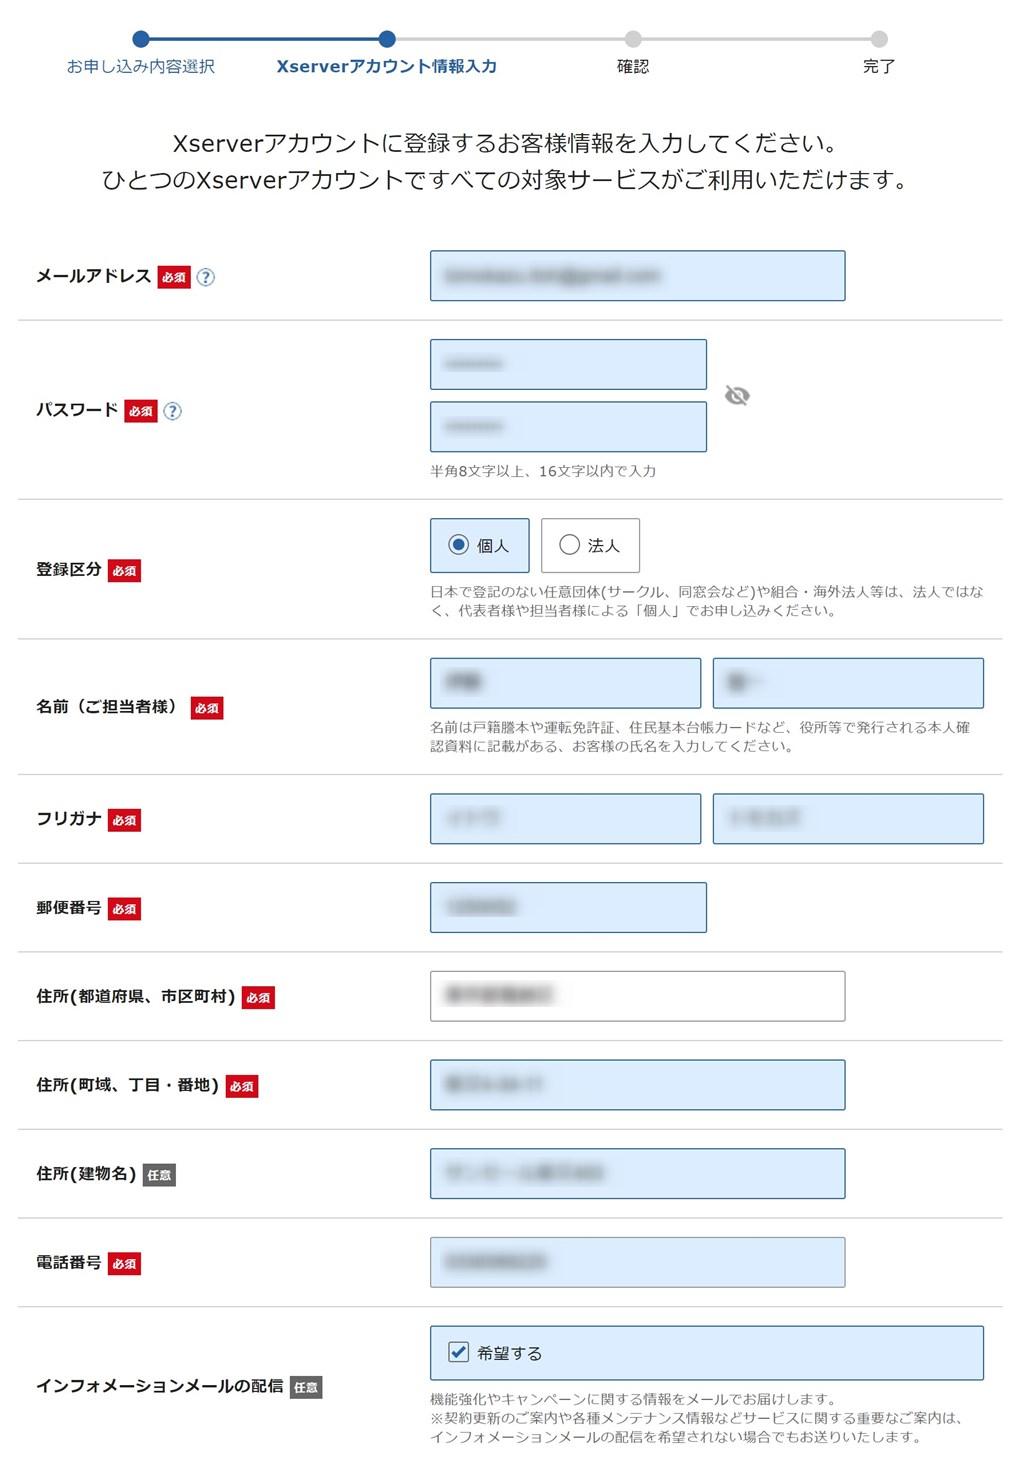 アカウント情報の登録